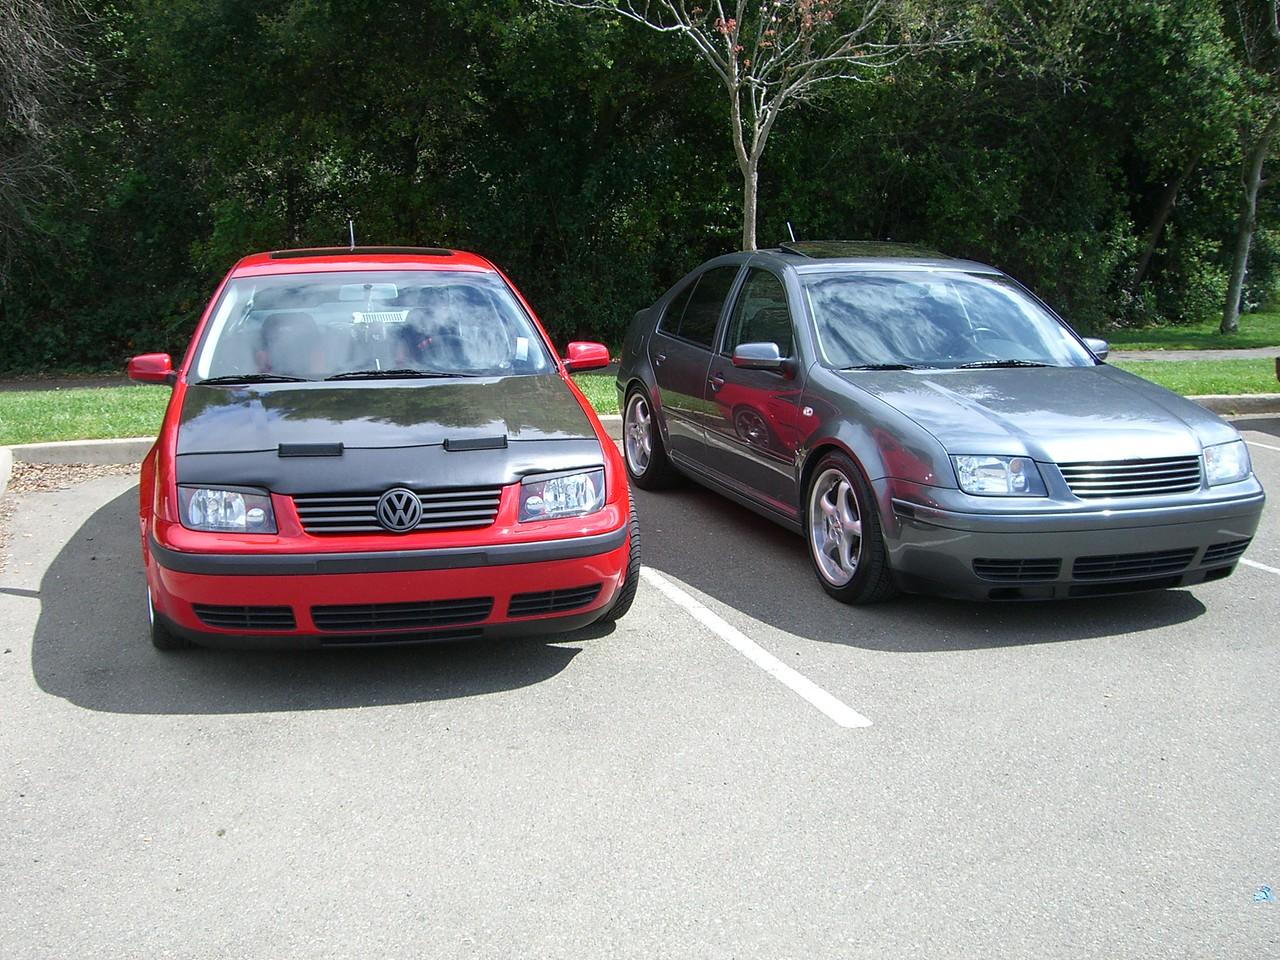 2006 04 15 Sat - Norcal VW meet - 2 Jetta's